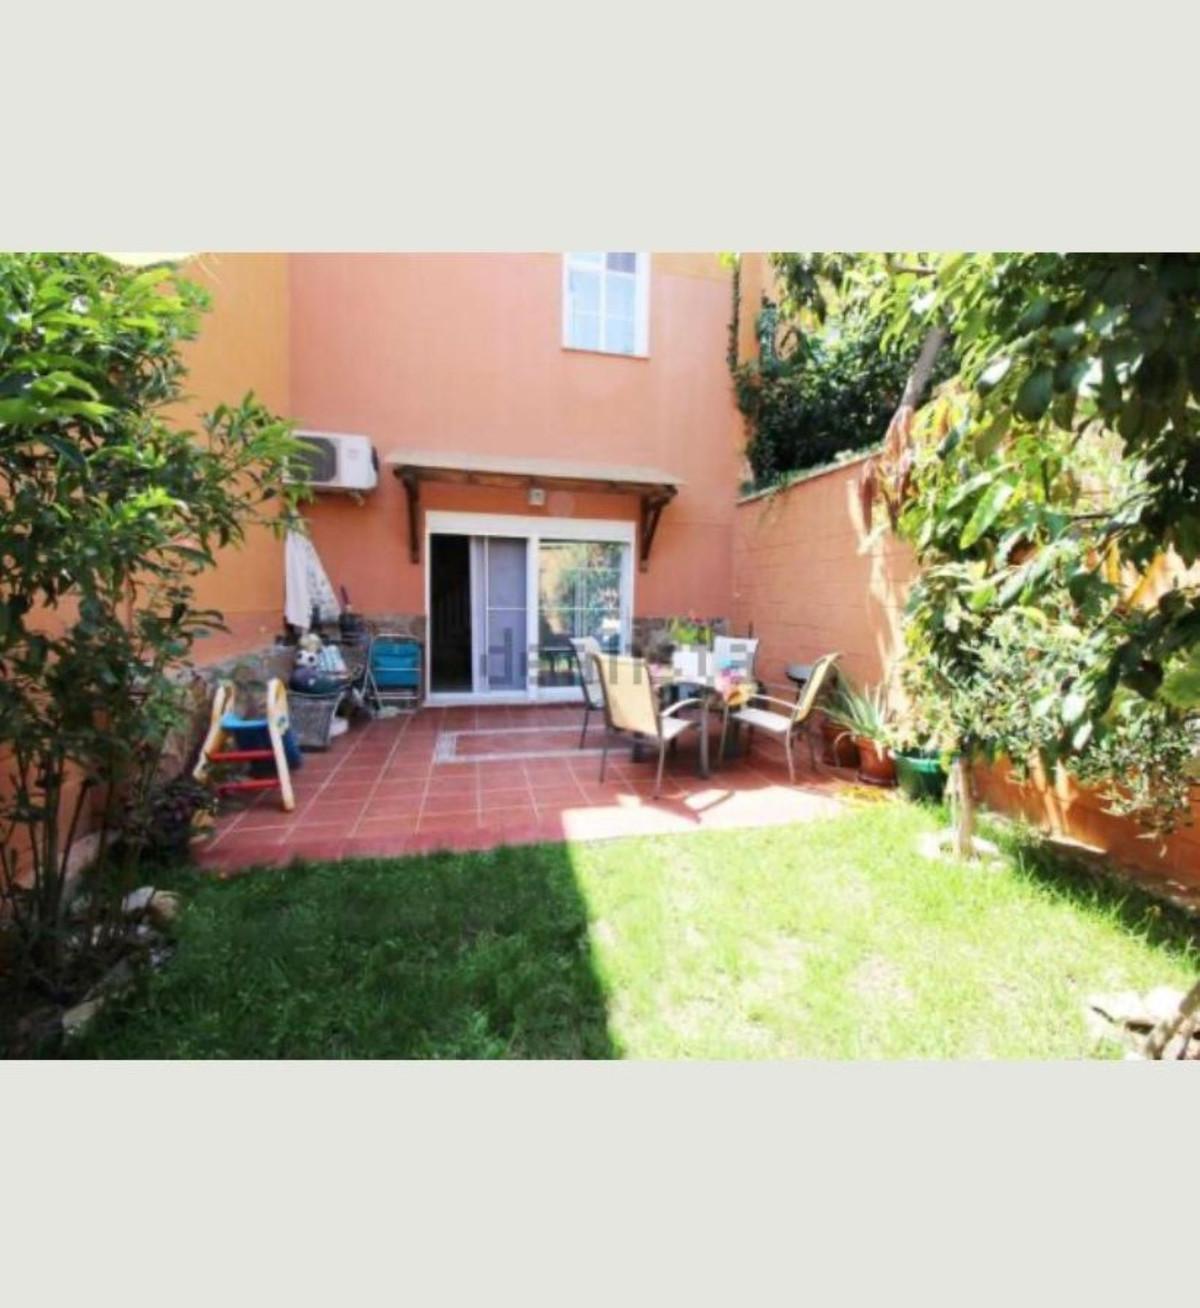 Casa - Benalmadena - R3801529 - mibgroup.es